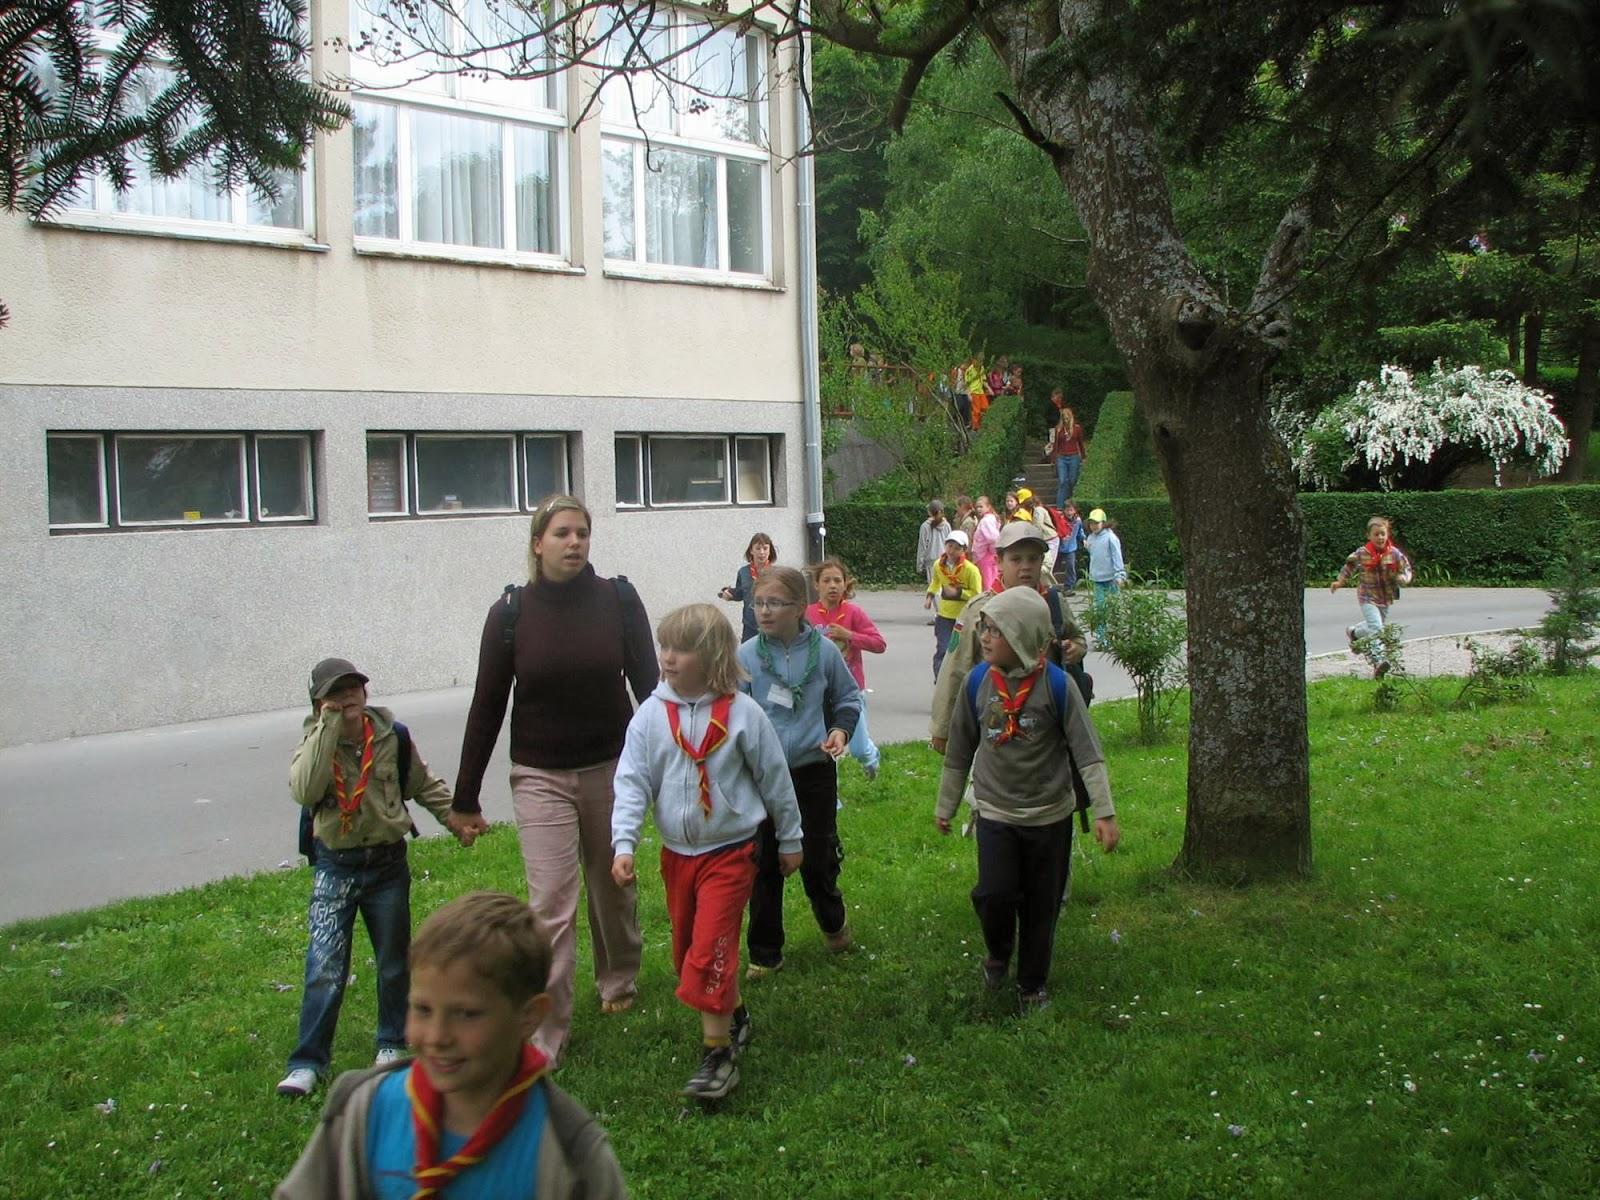 Področni mnogoboj MČ, Ilirska Bistrica 2006 - pics%2B058.jpg